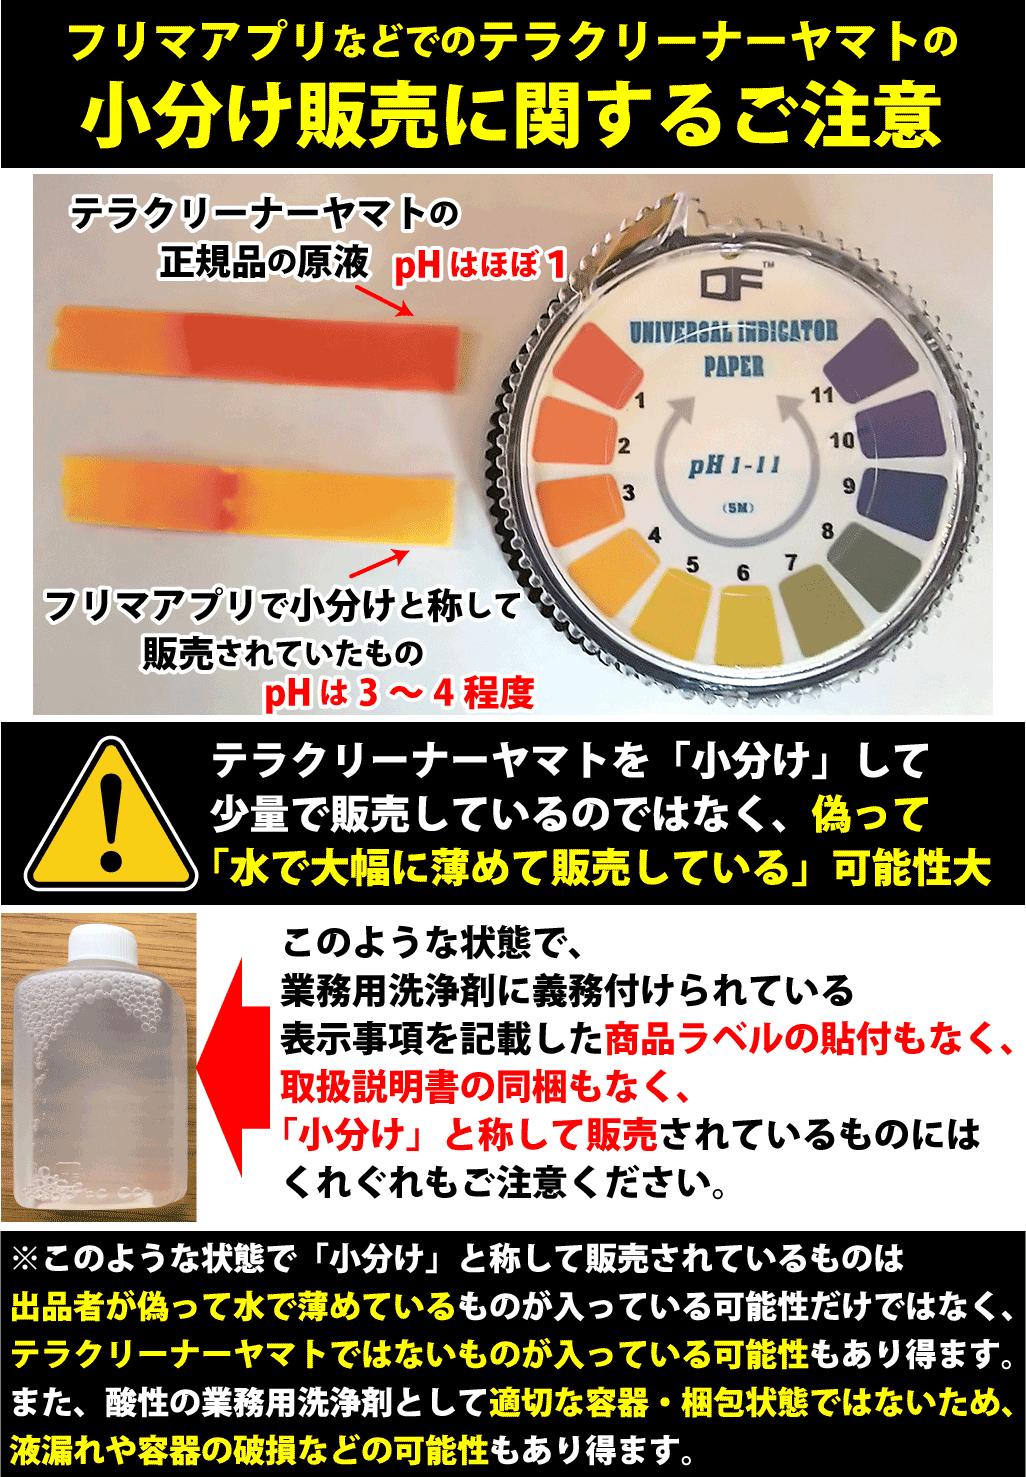 水垢洗浄剤テラクリーナーヤマトの小分け販売についてのご注意